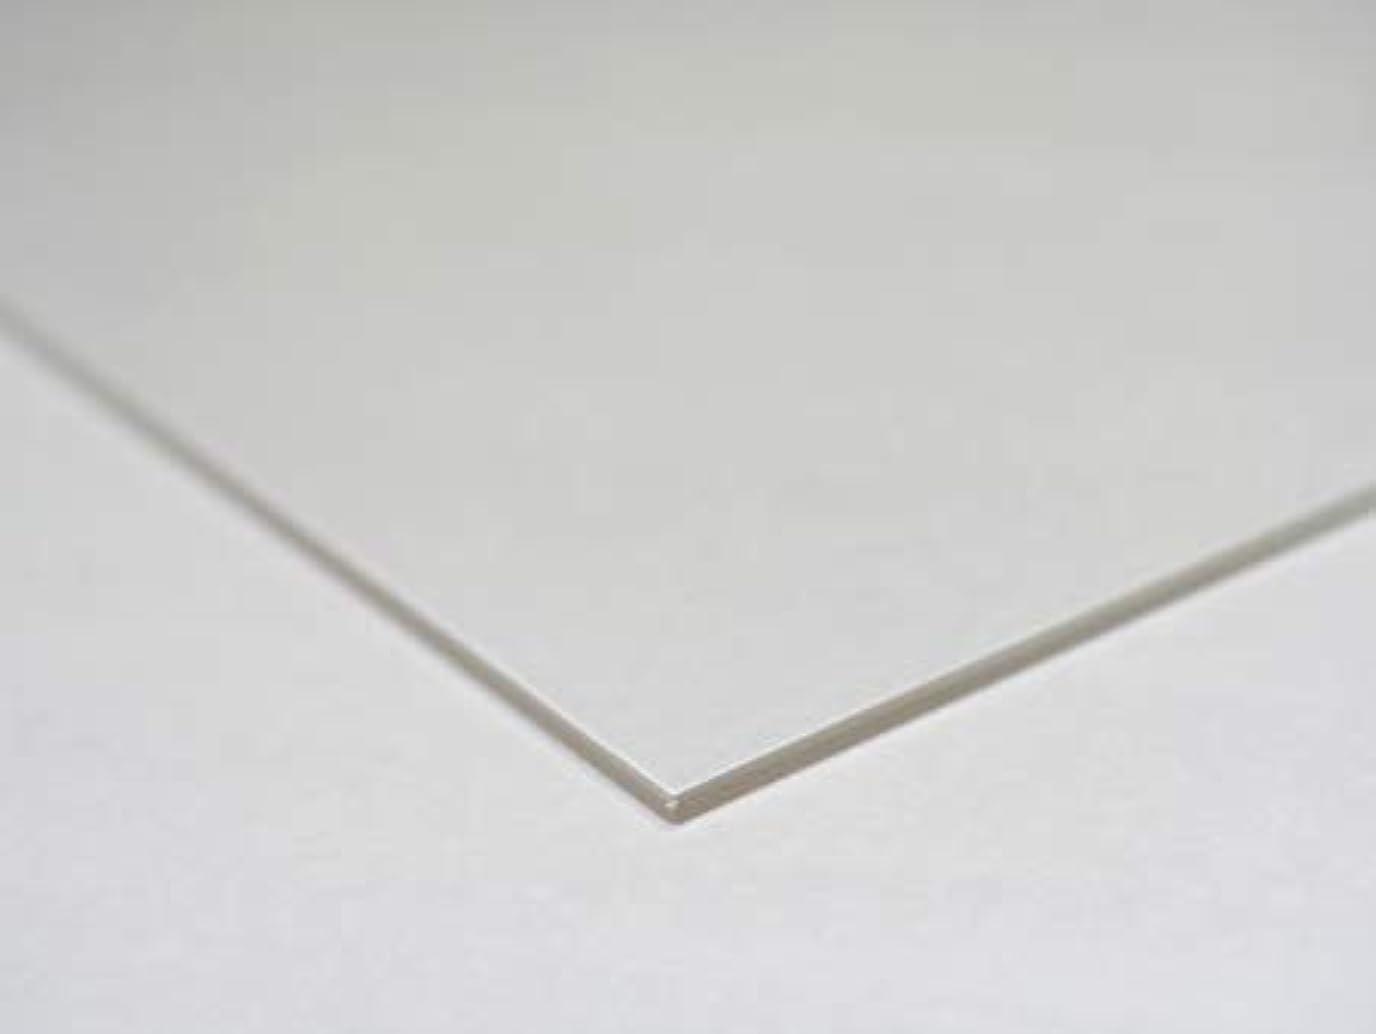 イヤホン予約めんどり鈴木プラスチックス アクリル板(押出板) 透明 厚み5mm B5サイズ